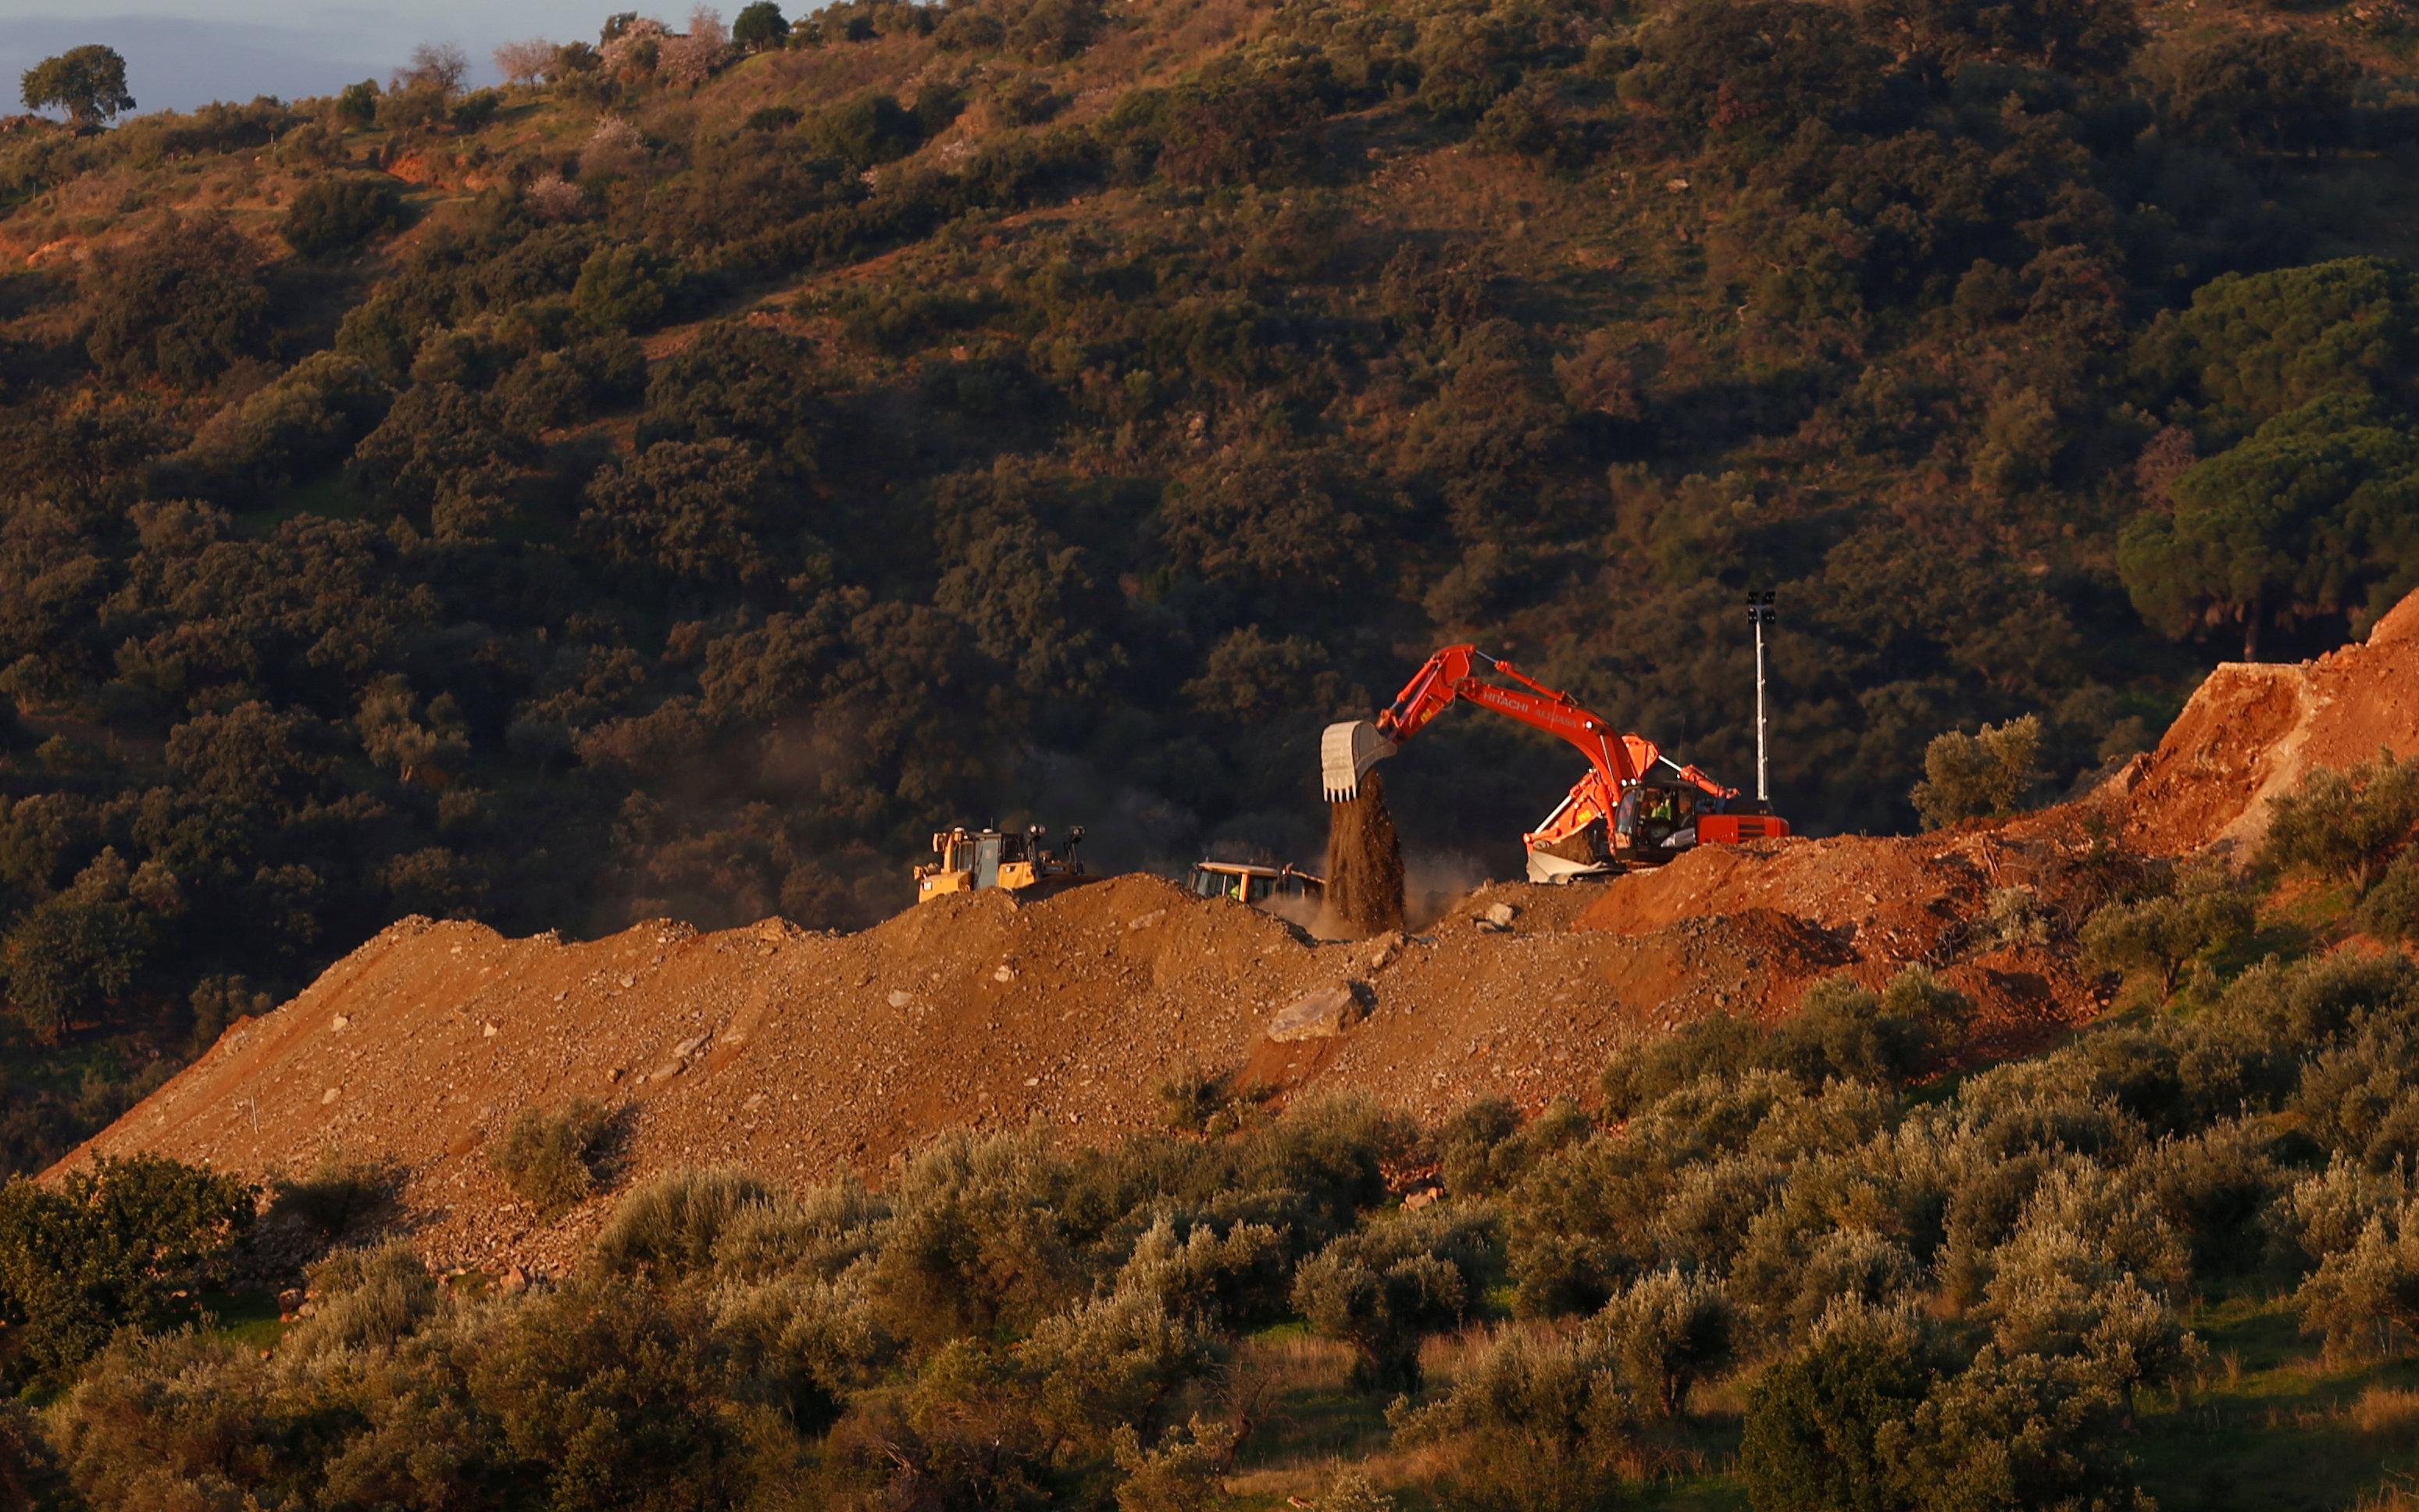 Esta noche comenzará la excavación del túnel para rescatar a Julen - Actualidad